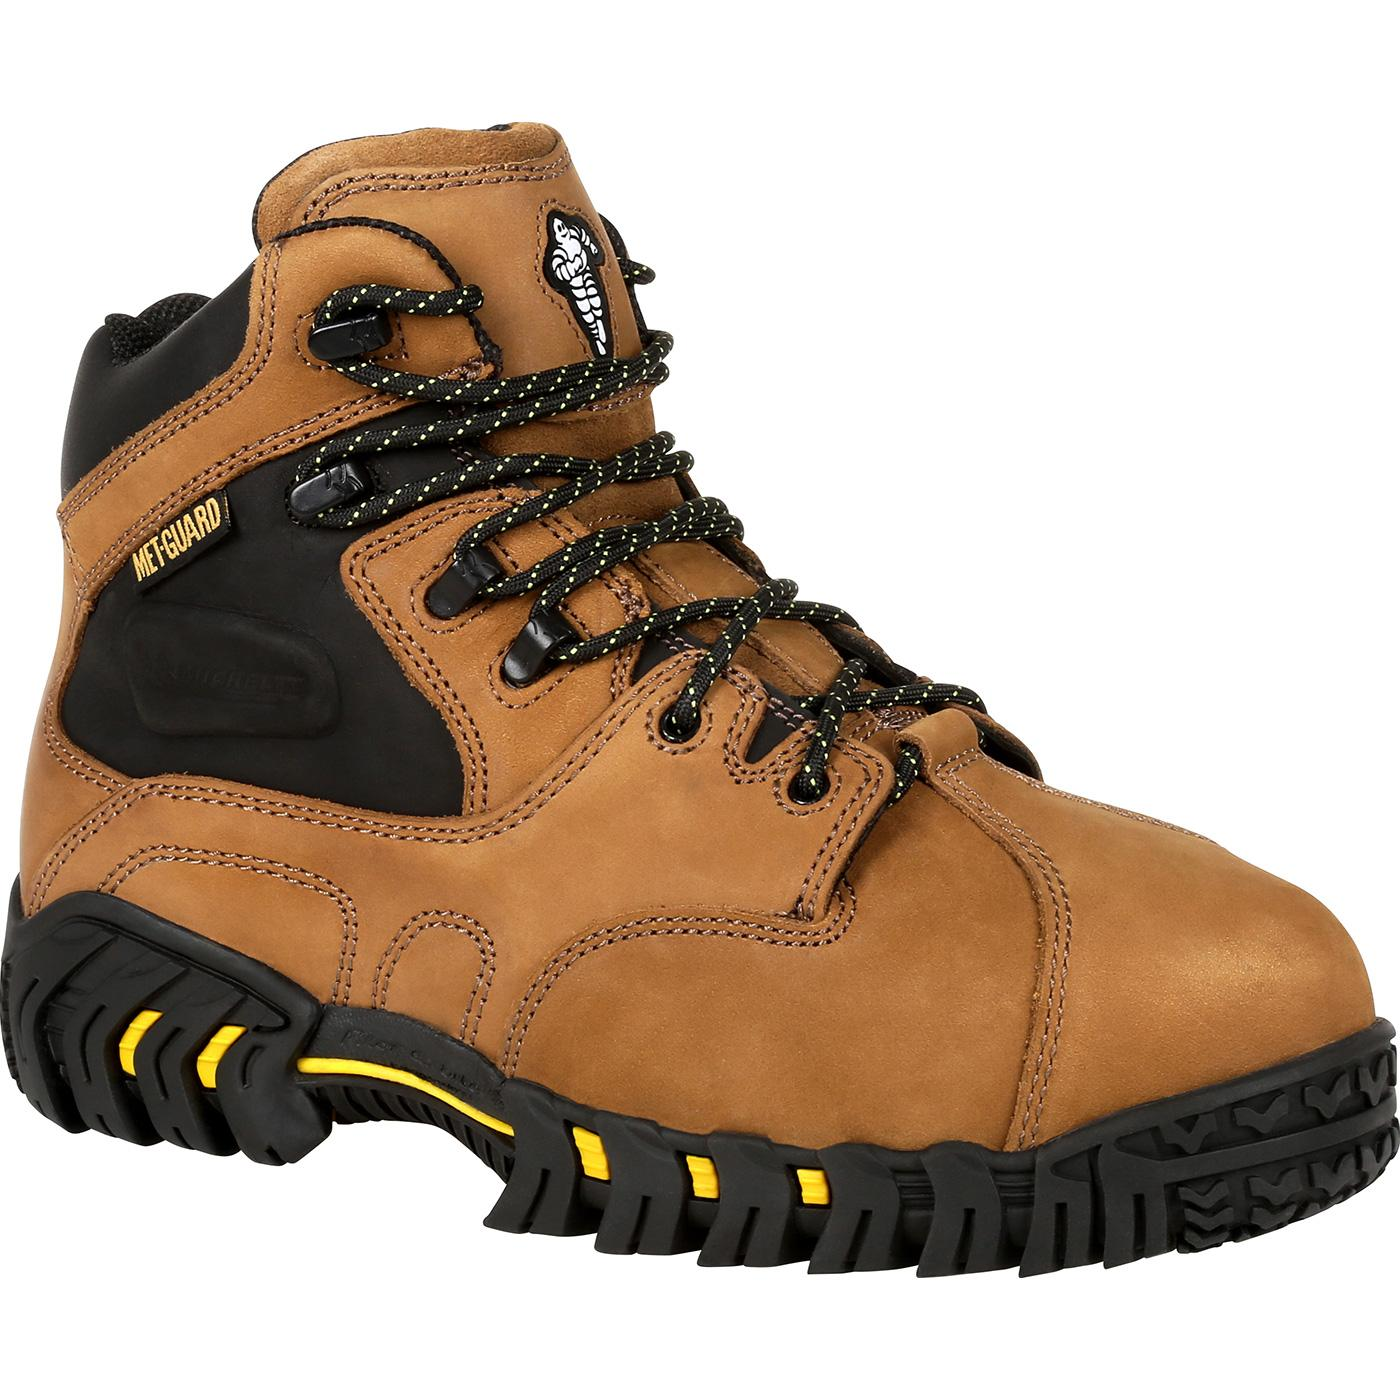 217aef1e1f6 Michelin® Steel Toe Internal Met Guard Work Boot